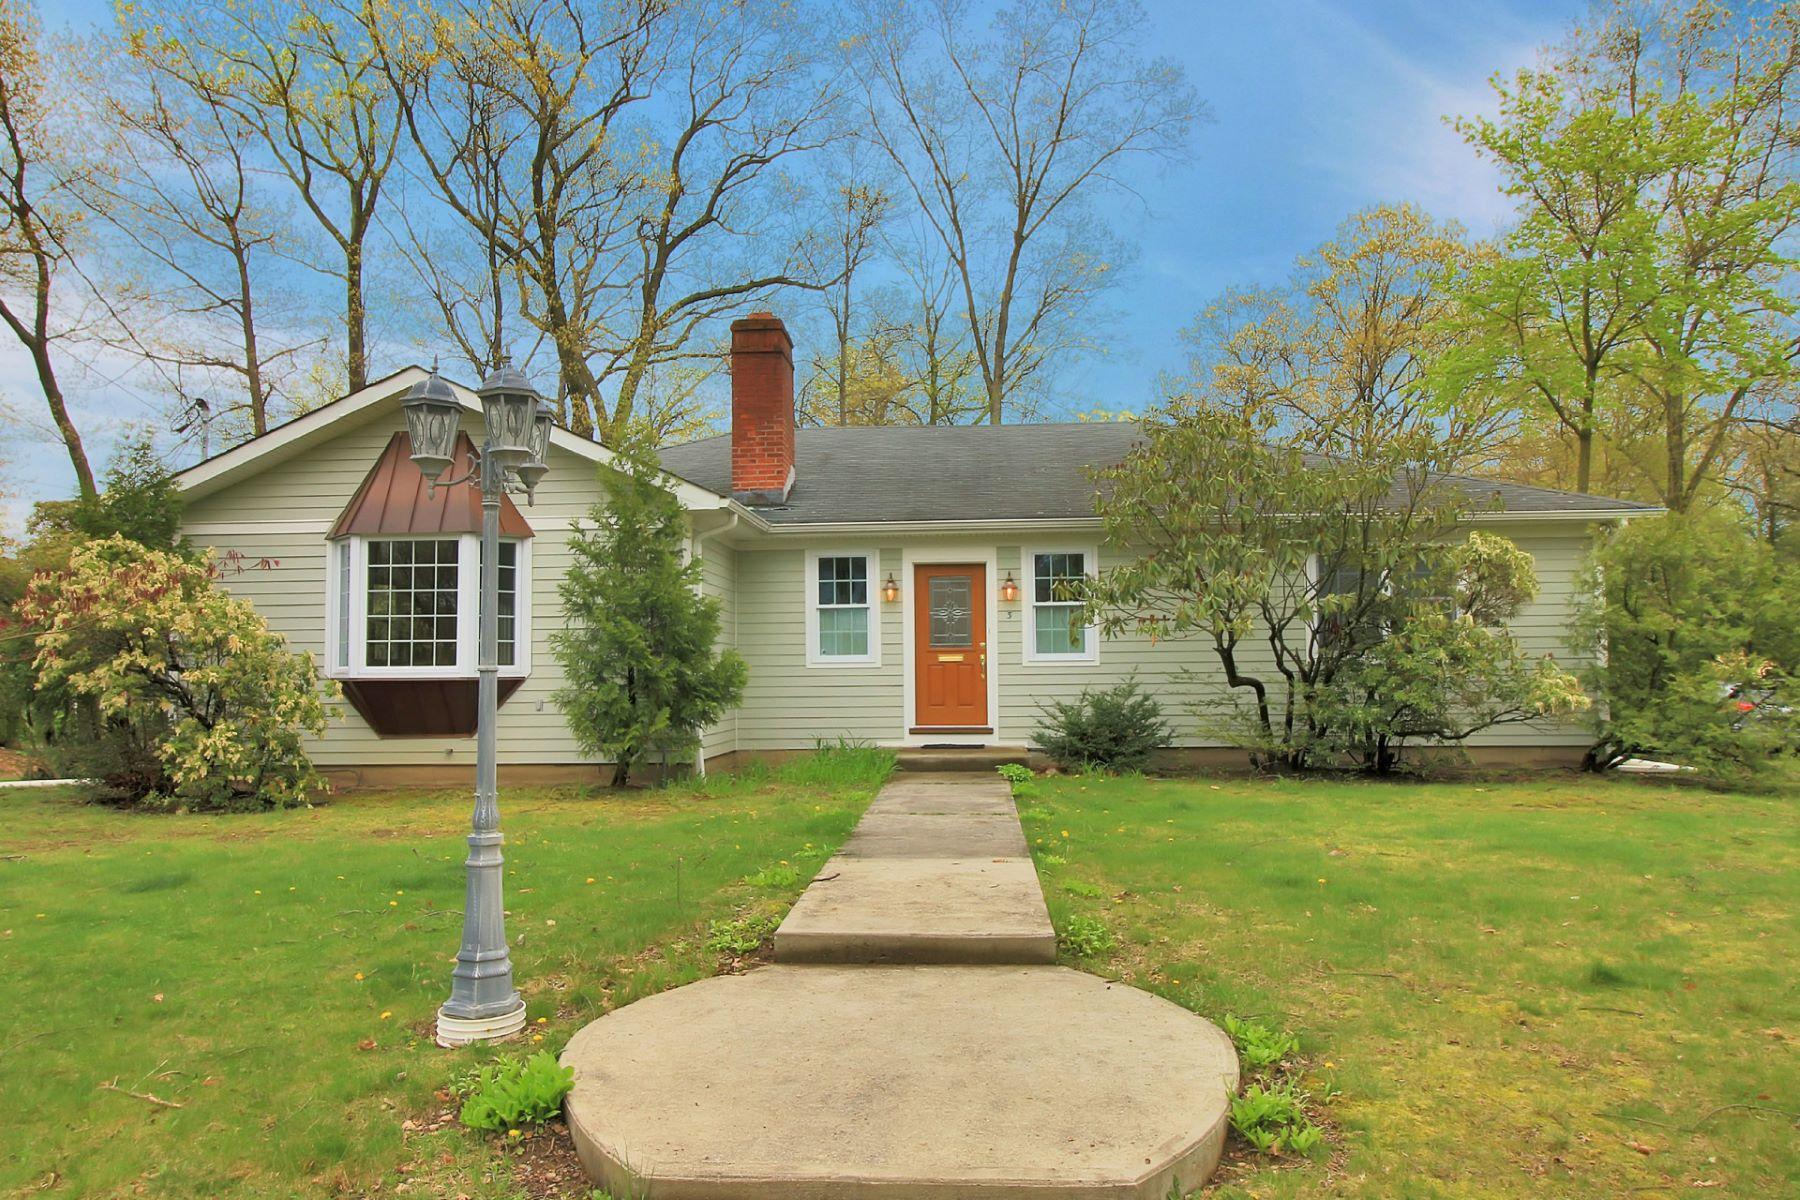 Casa Unifamiliar por un Venta en Welcoming Walkway 3 Oak St Allendale, Nueva Jersey 07401 Estados Unidos